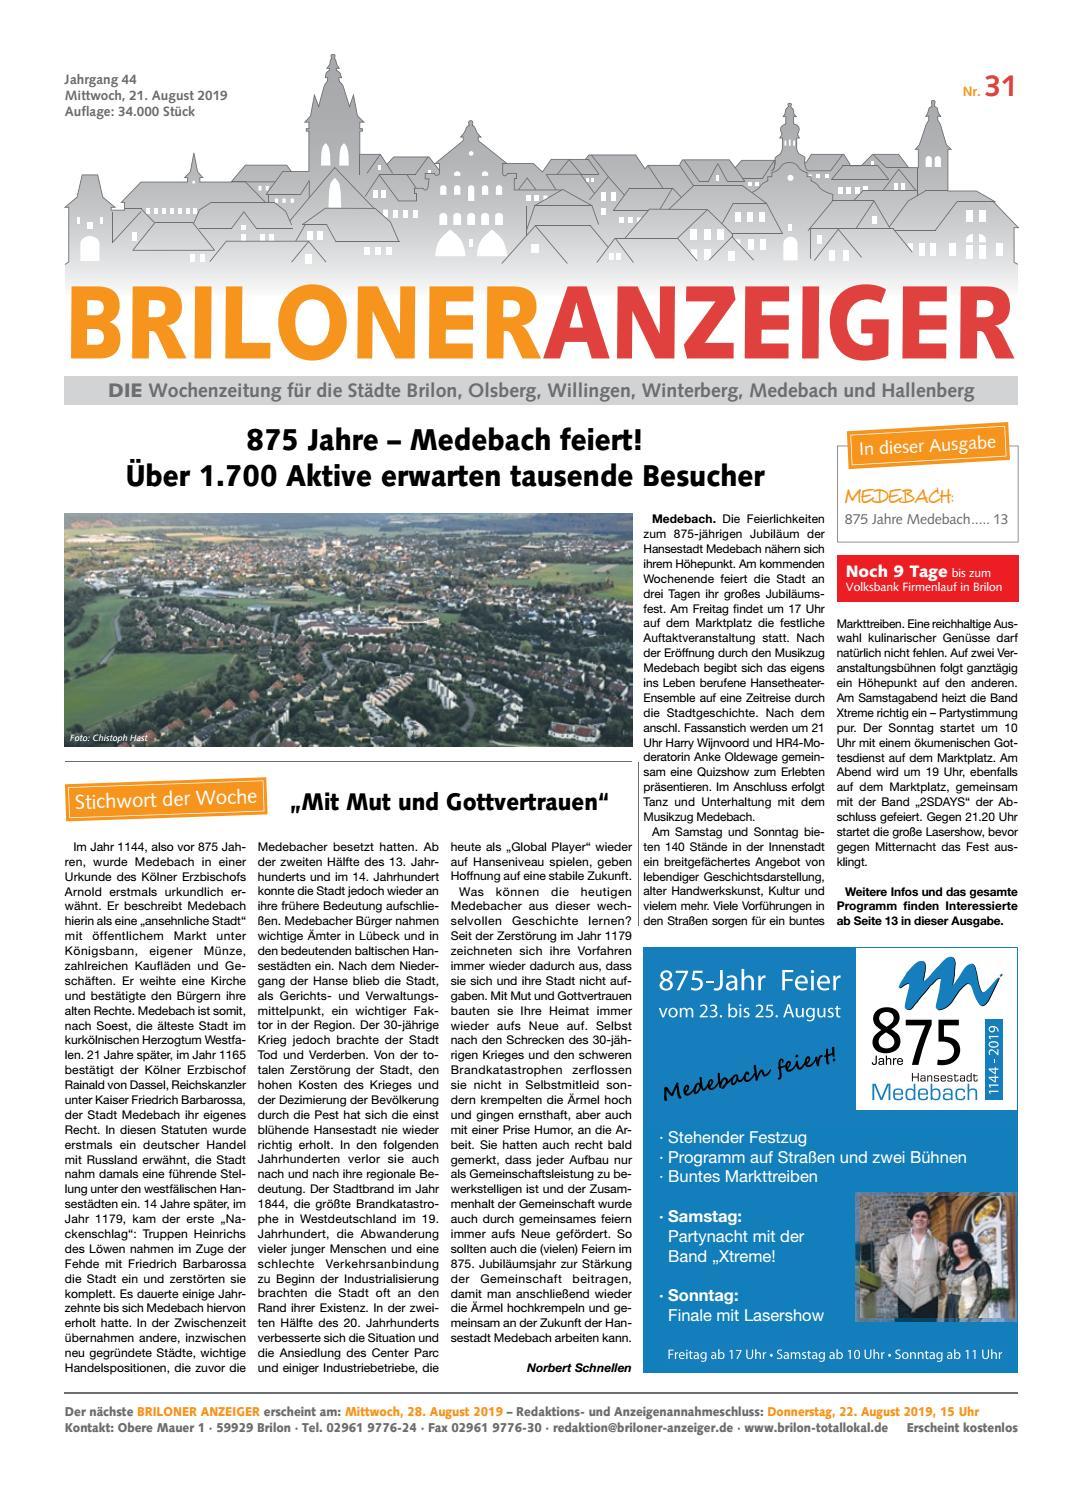 Briloner Anzeiger Ausgabe vom 21.08.2018 Nr. 31 by Brilon